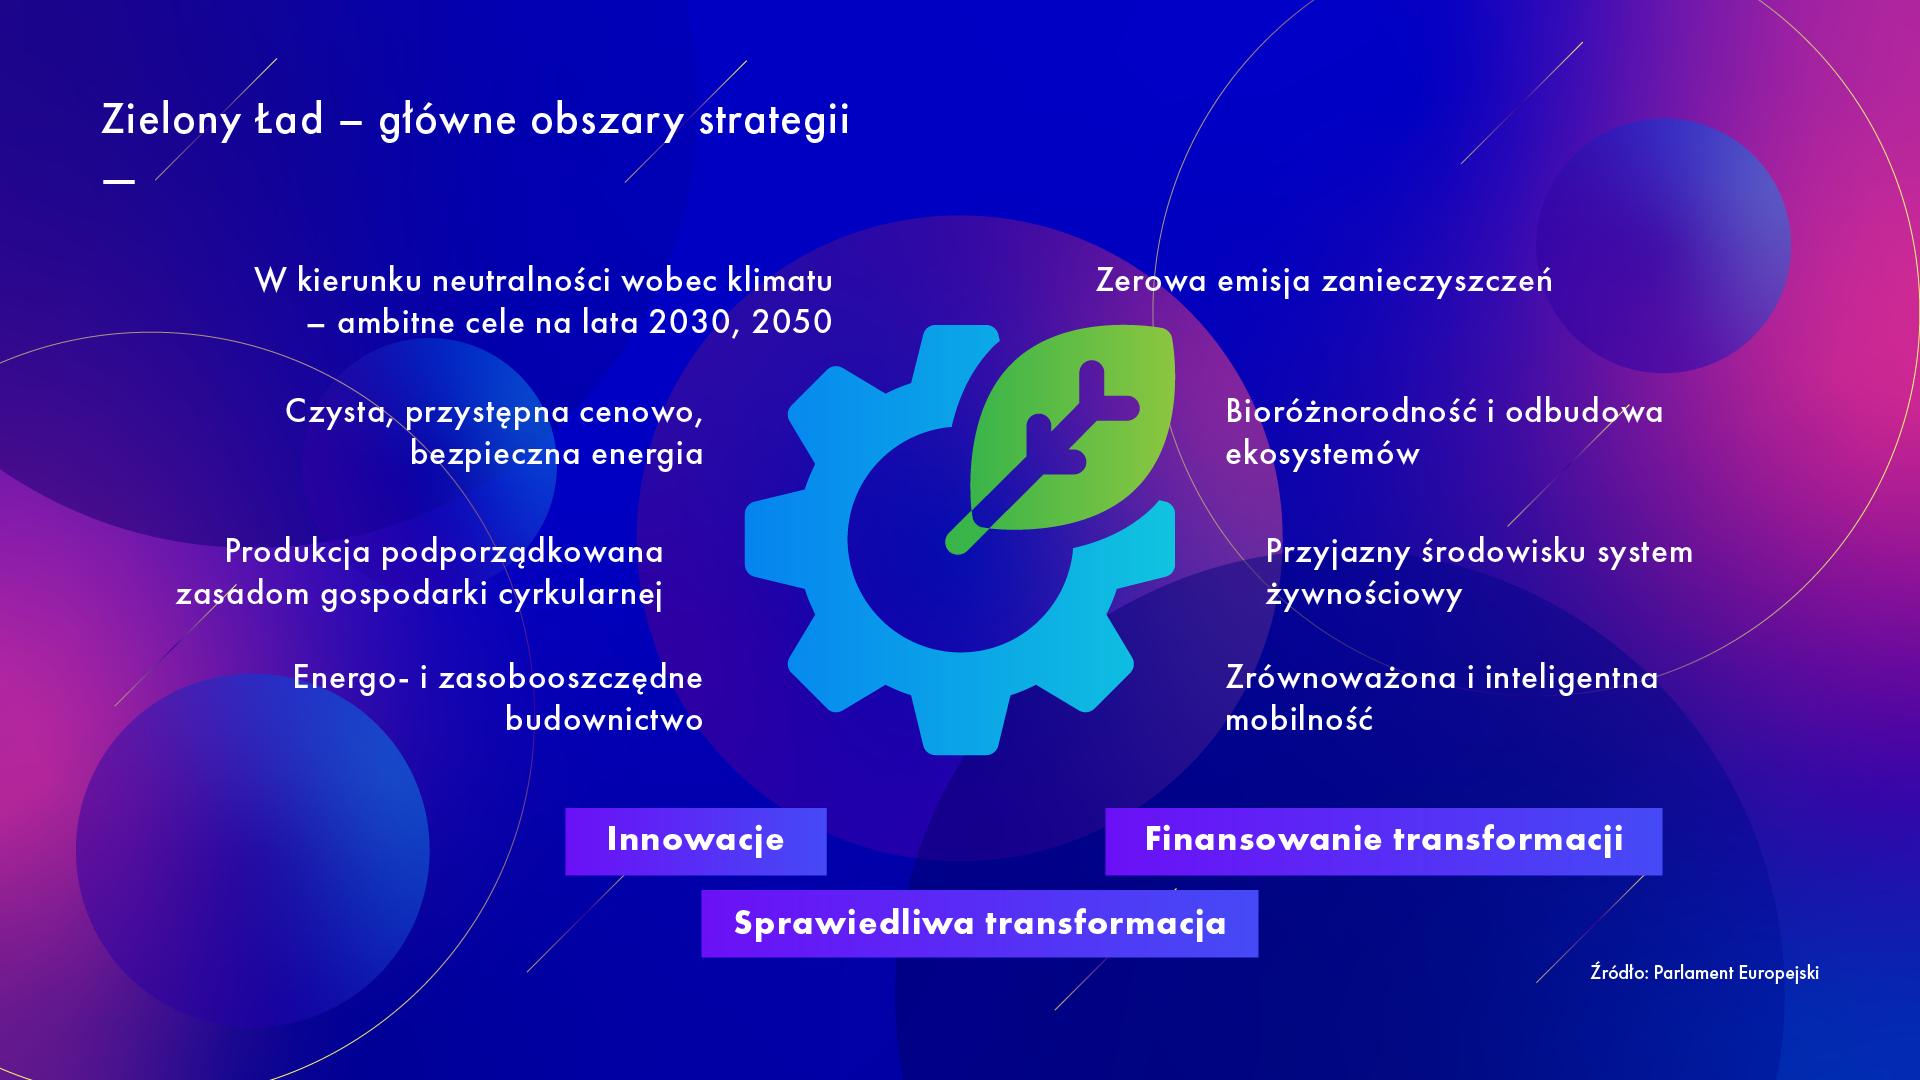 Główne obszary strategii Zielonego Ładu